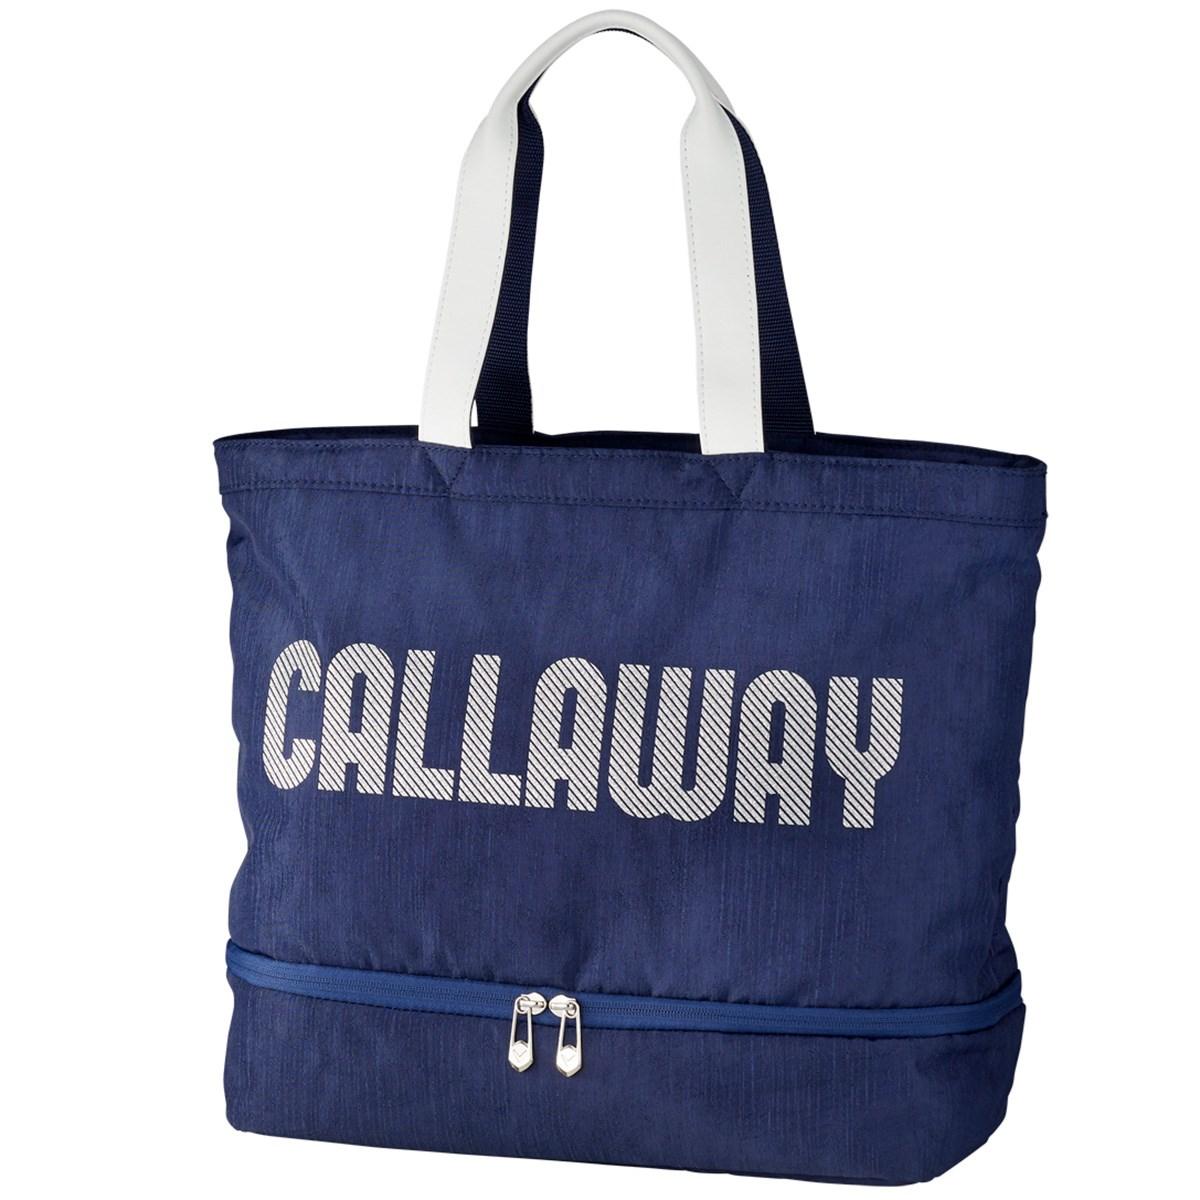 キャロウェイゴルフ Callaway Golf SPL トートバッグ JM ネイビー レディス